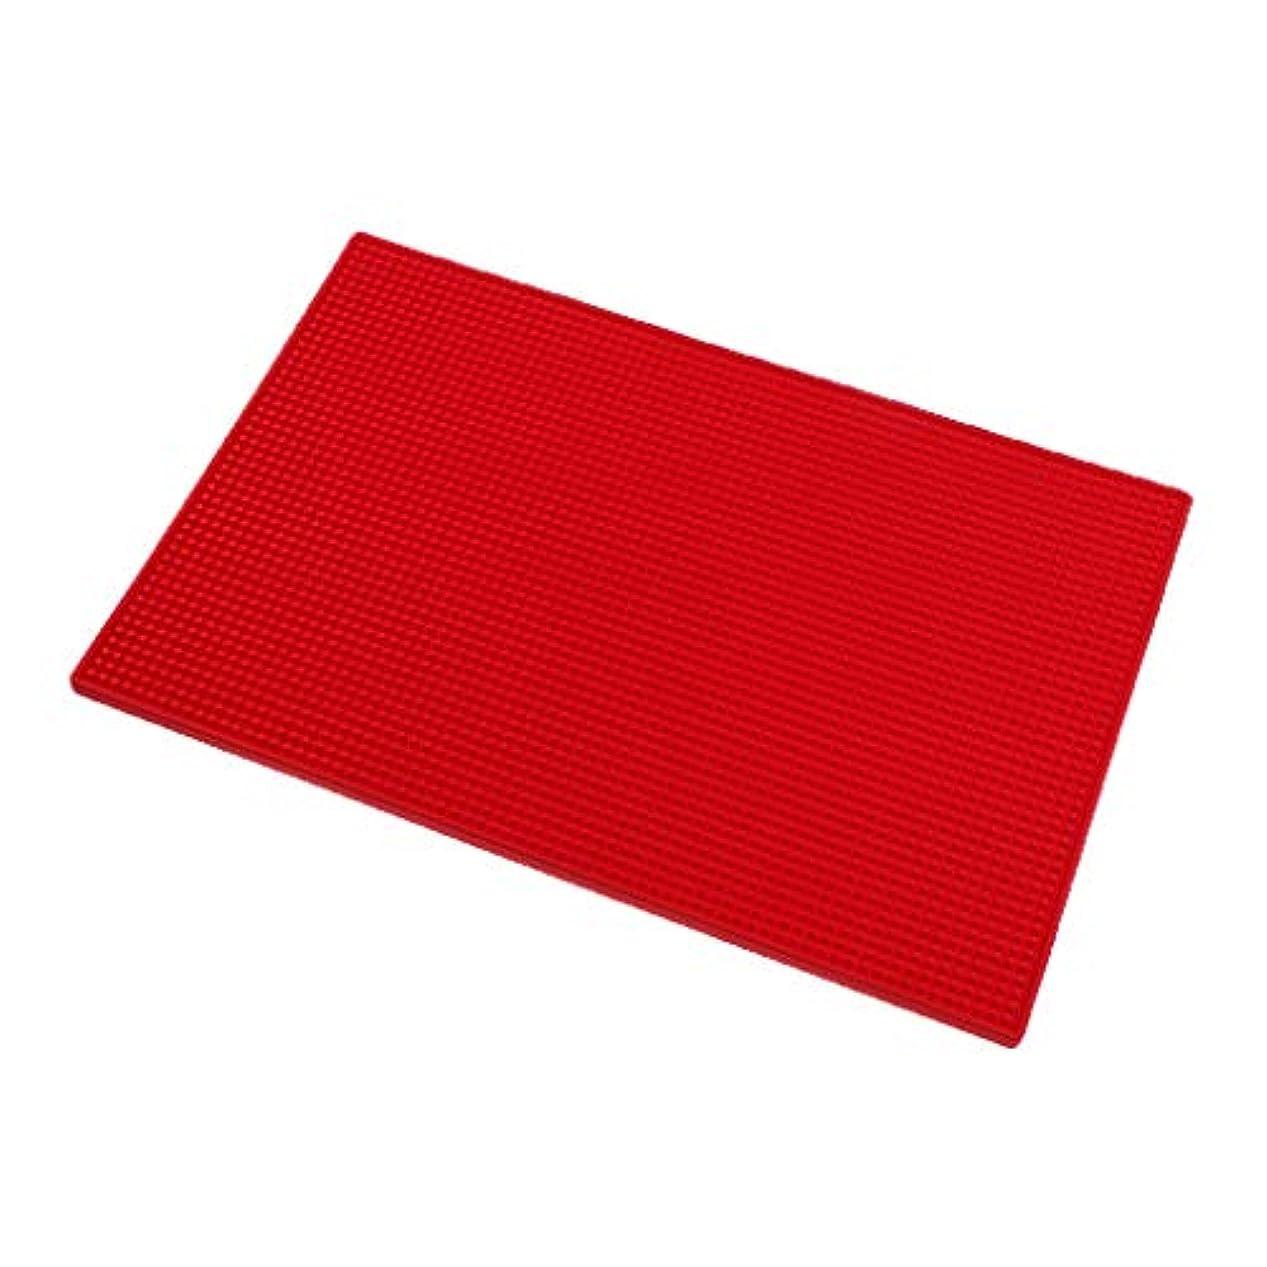 生物学ウッズ延期するクッション シリコンマット ネイルアート ハンドレスト マニキュアツール 全3色 - 赤